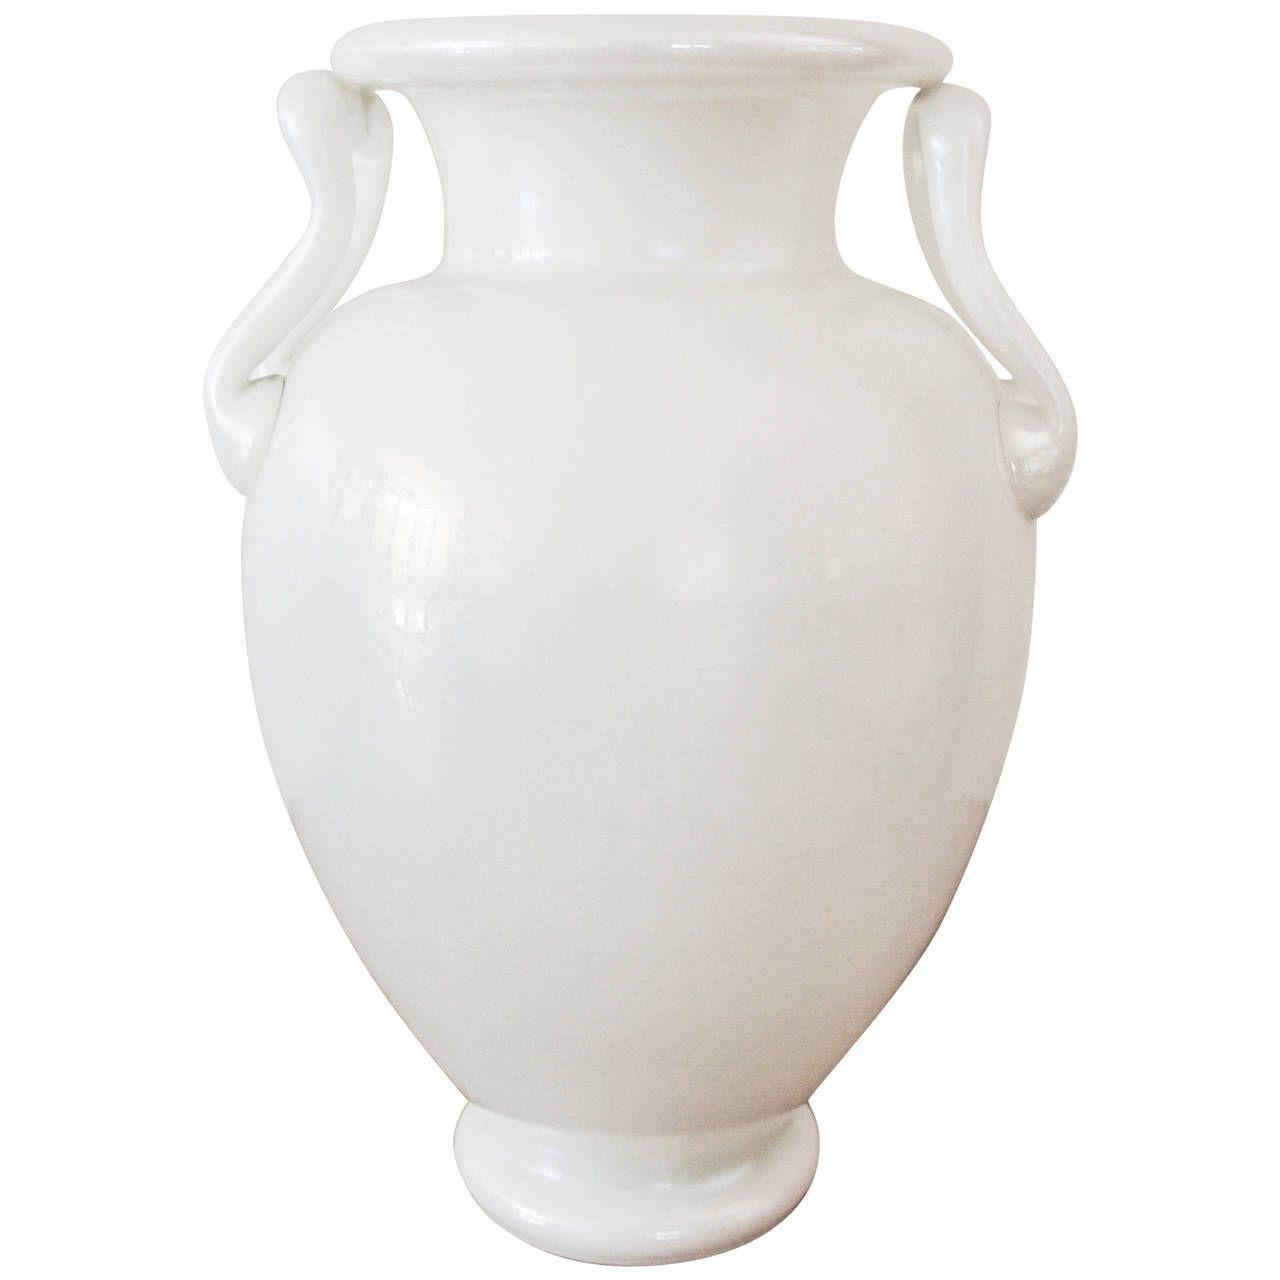 Ivrene glass vase by frederick carder for steuben from a unique ivrene glass vase by frederick carder for steuben from a unique collection reviewsmspy